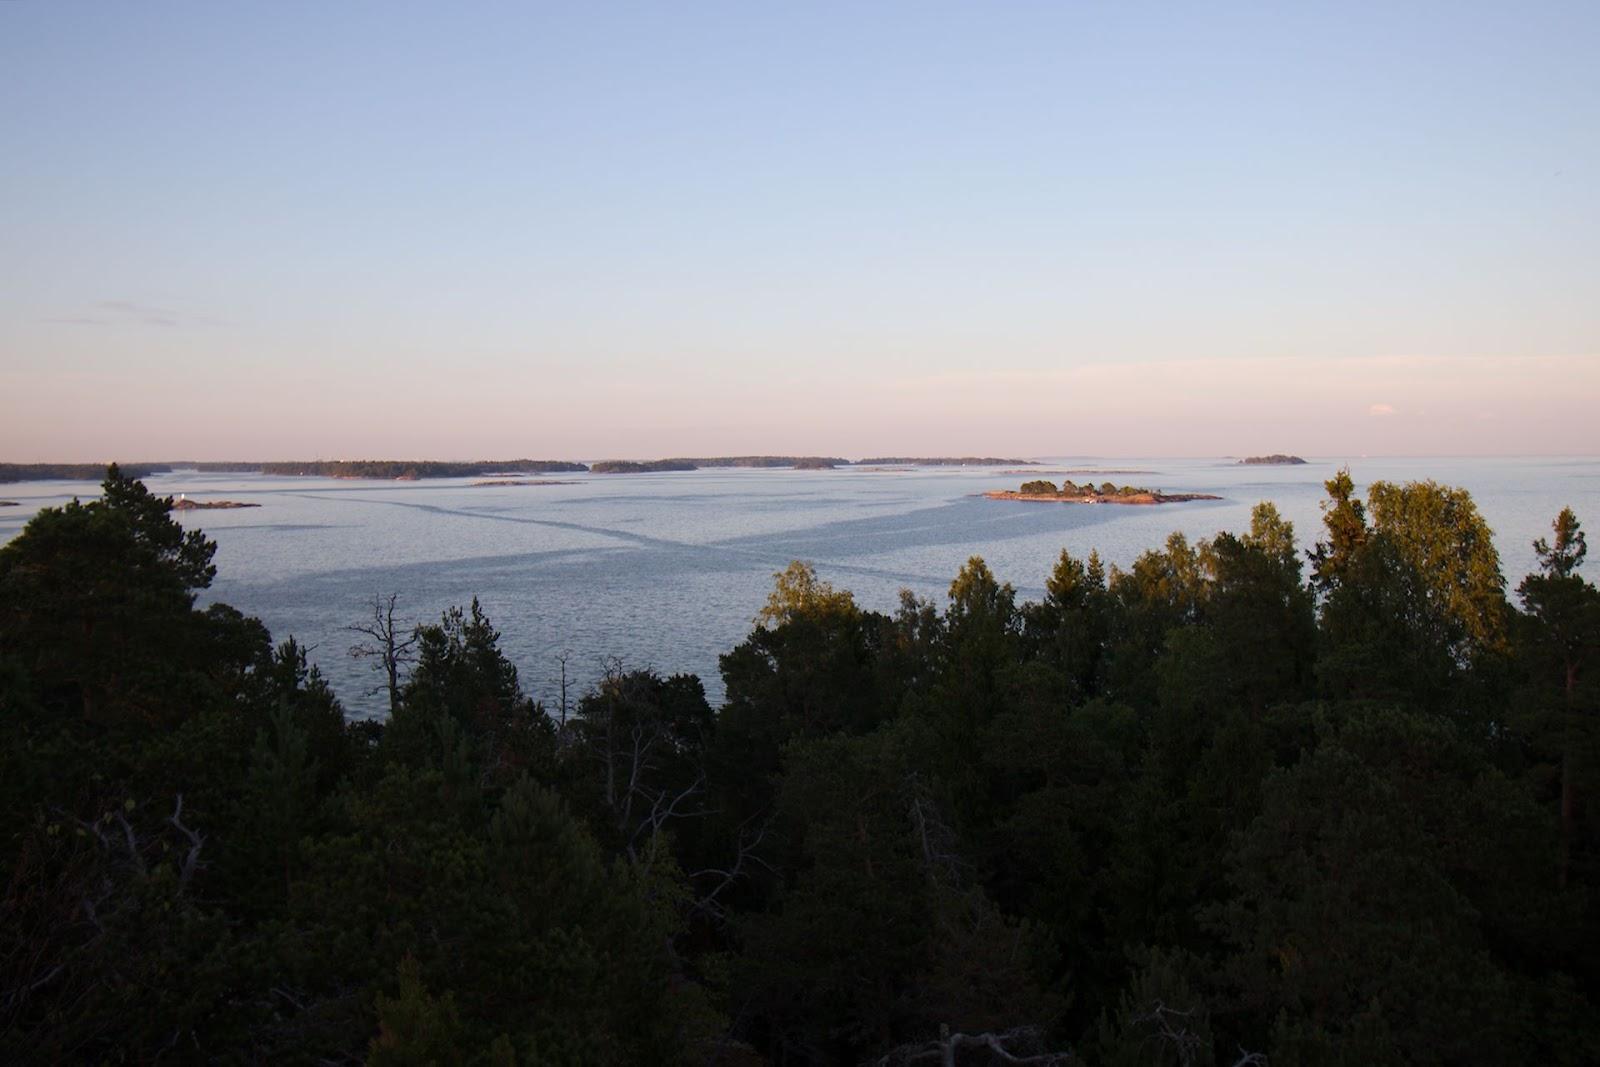 Näkymä Stora Herrön näkötornista merelle